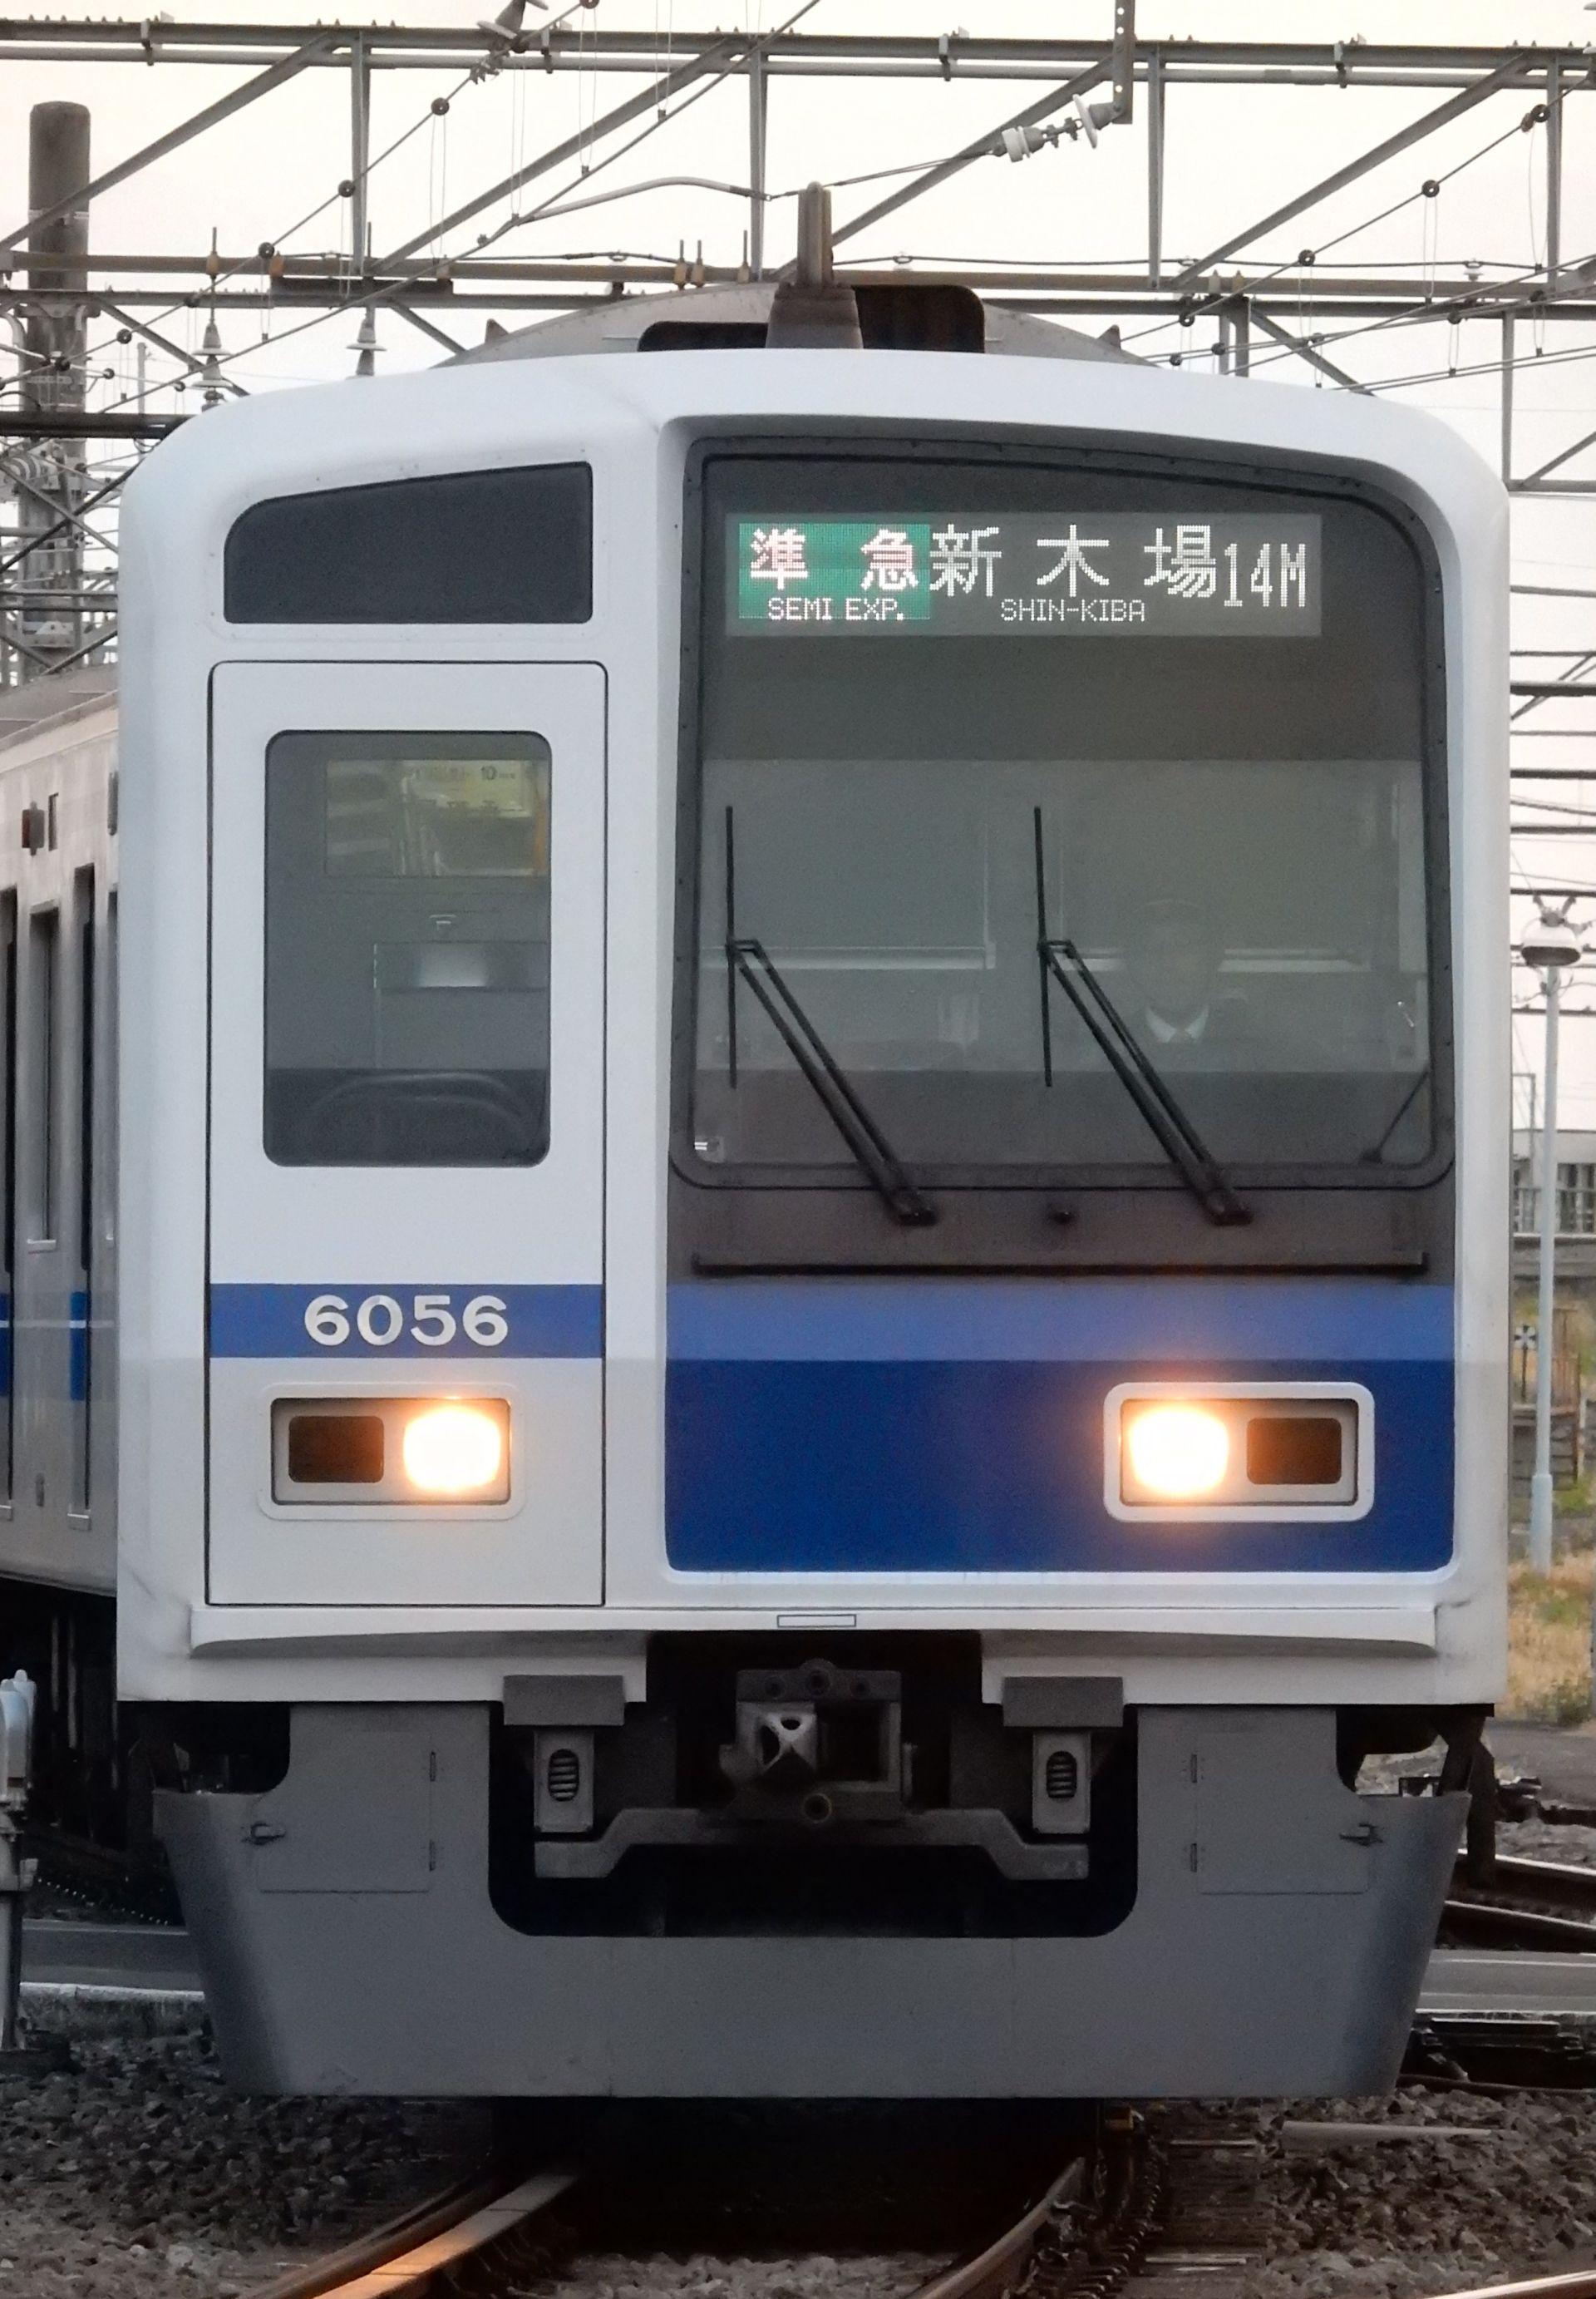 DSCN6133 - コピー